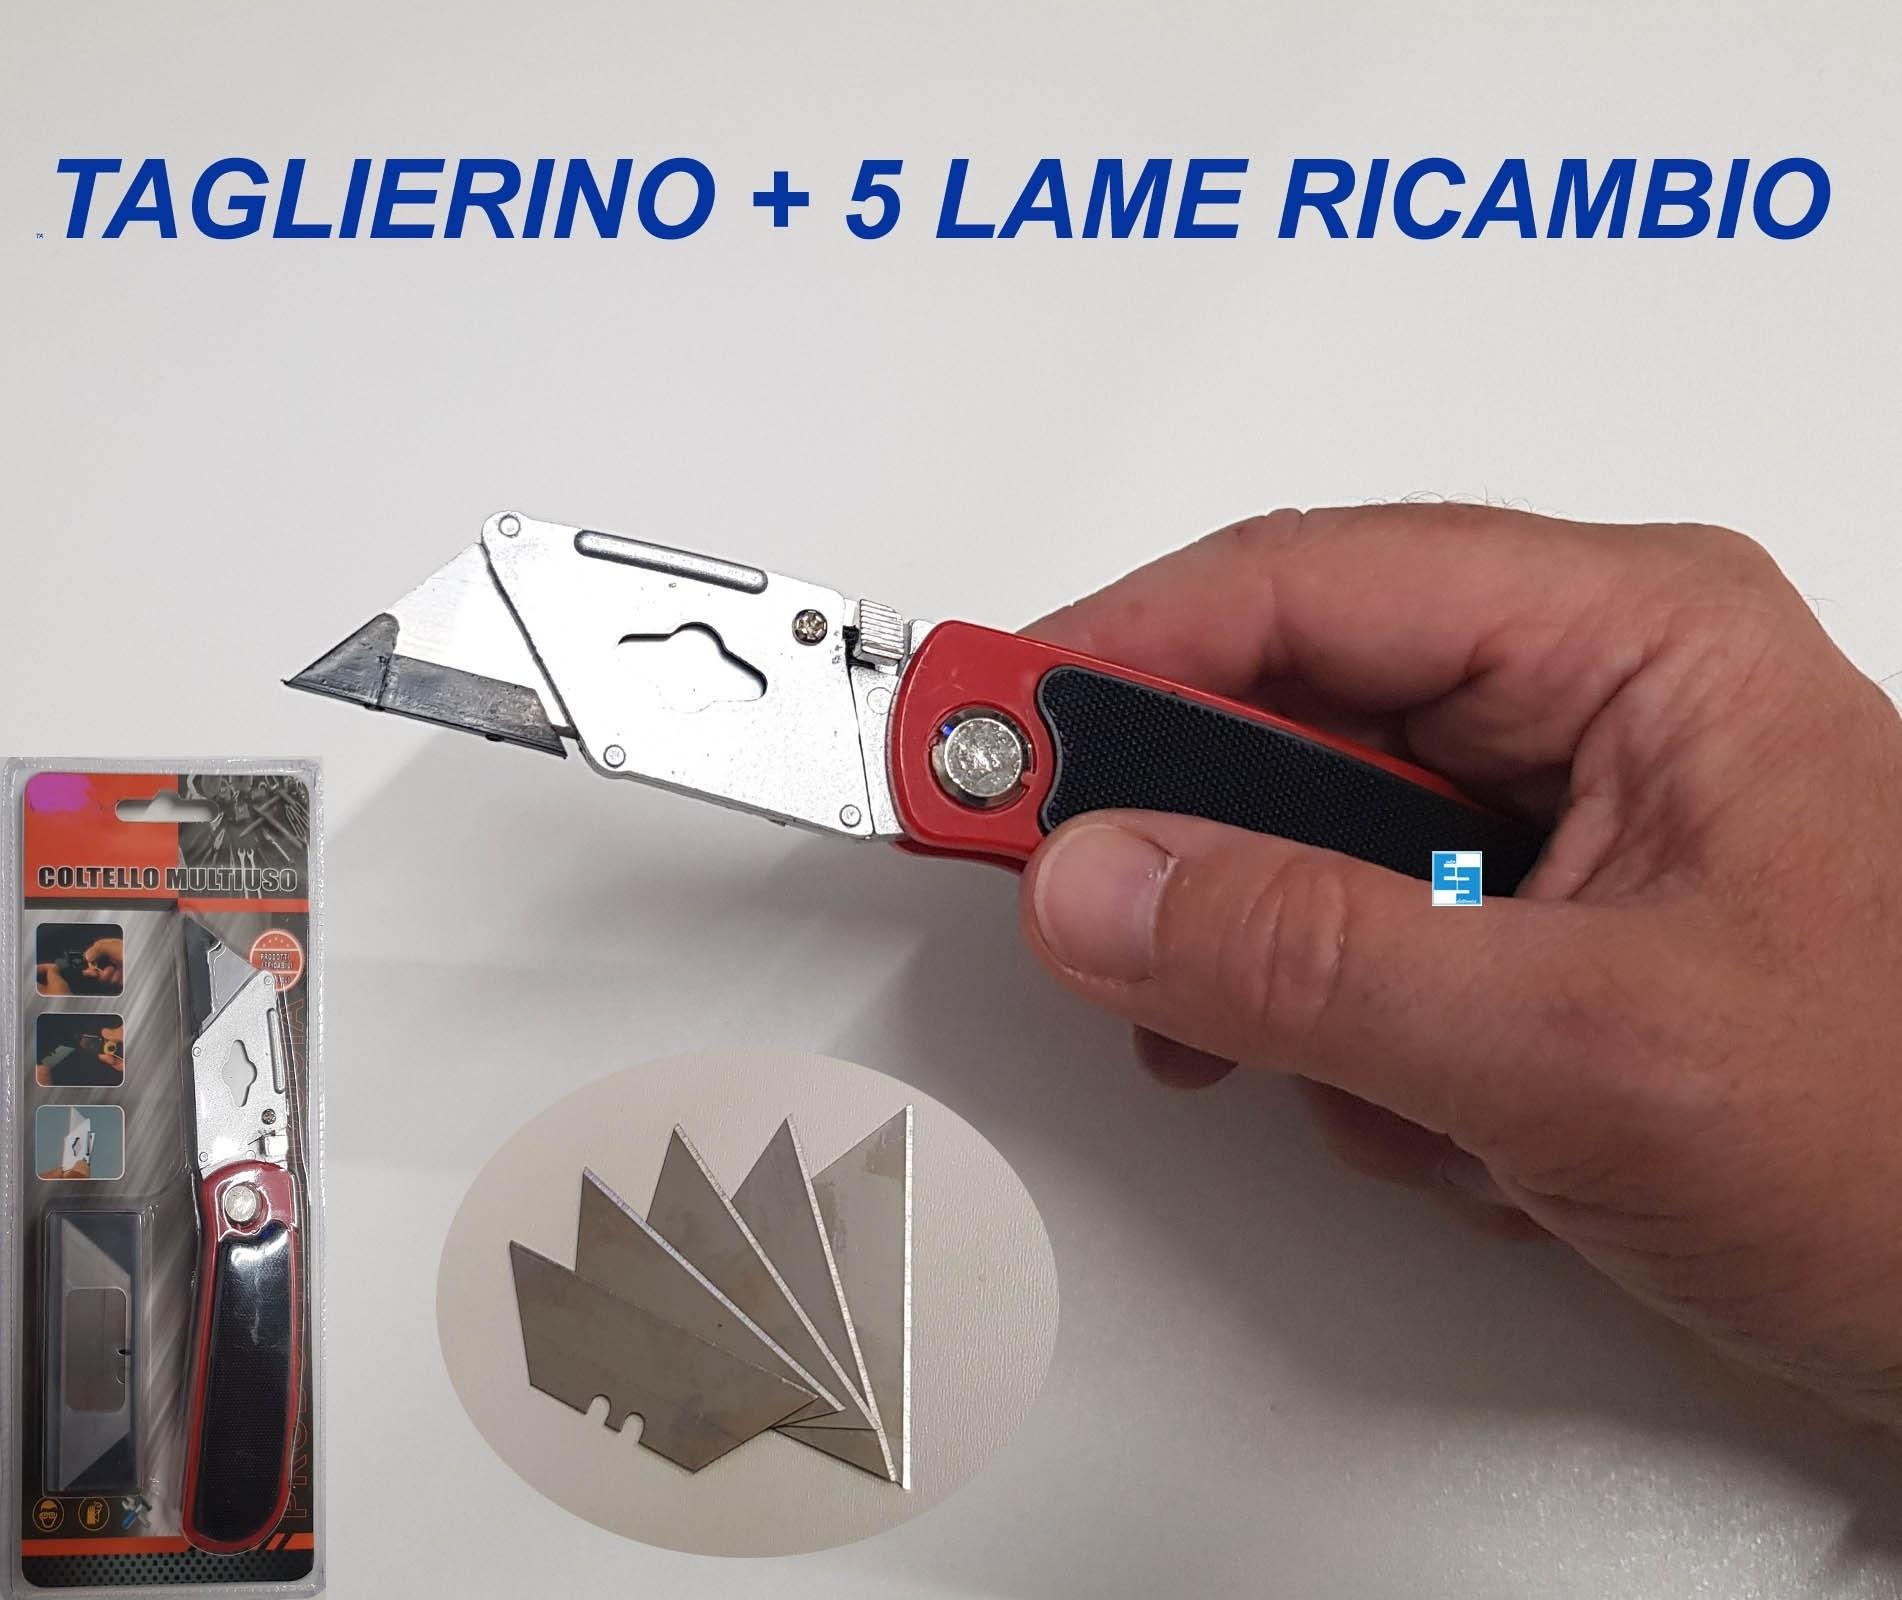 TAGLIERINO CUTTER DA LAVORO PROFESSIONALE  CON 5 LAME DI RICAMBIO RICHIUDIBILE